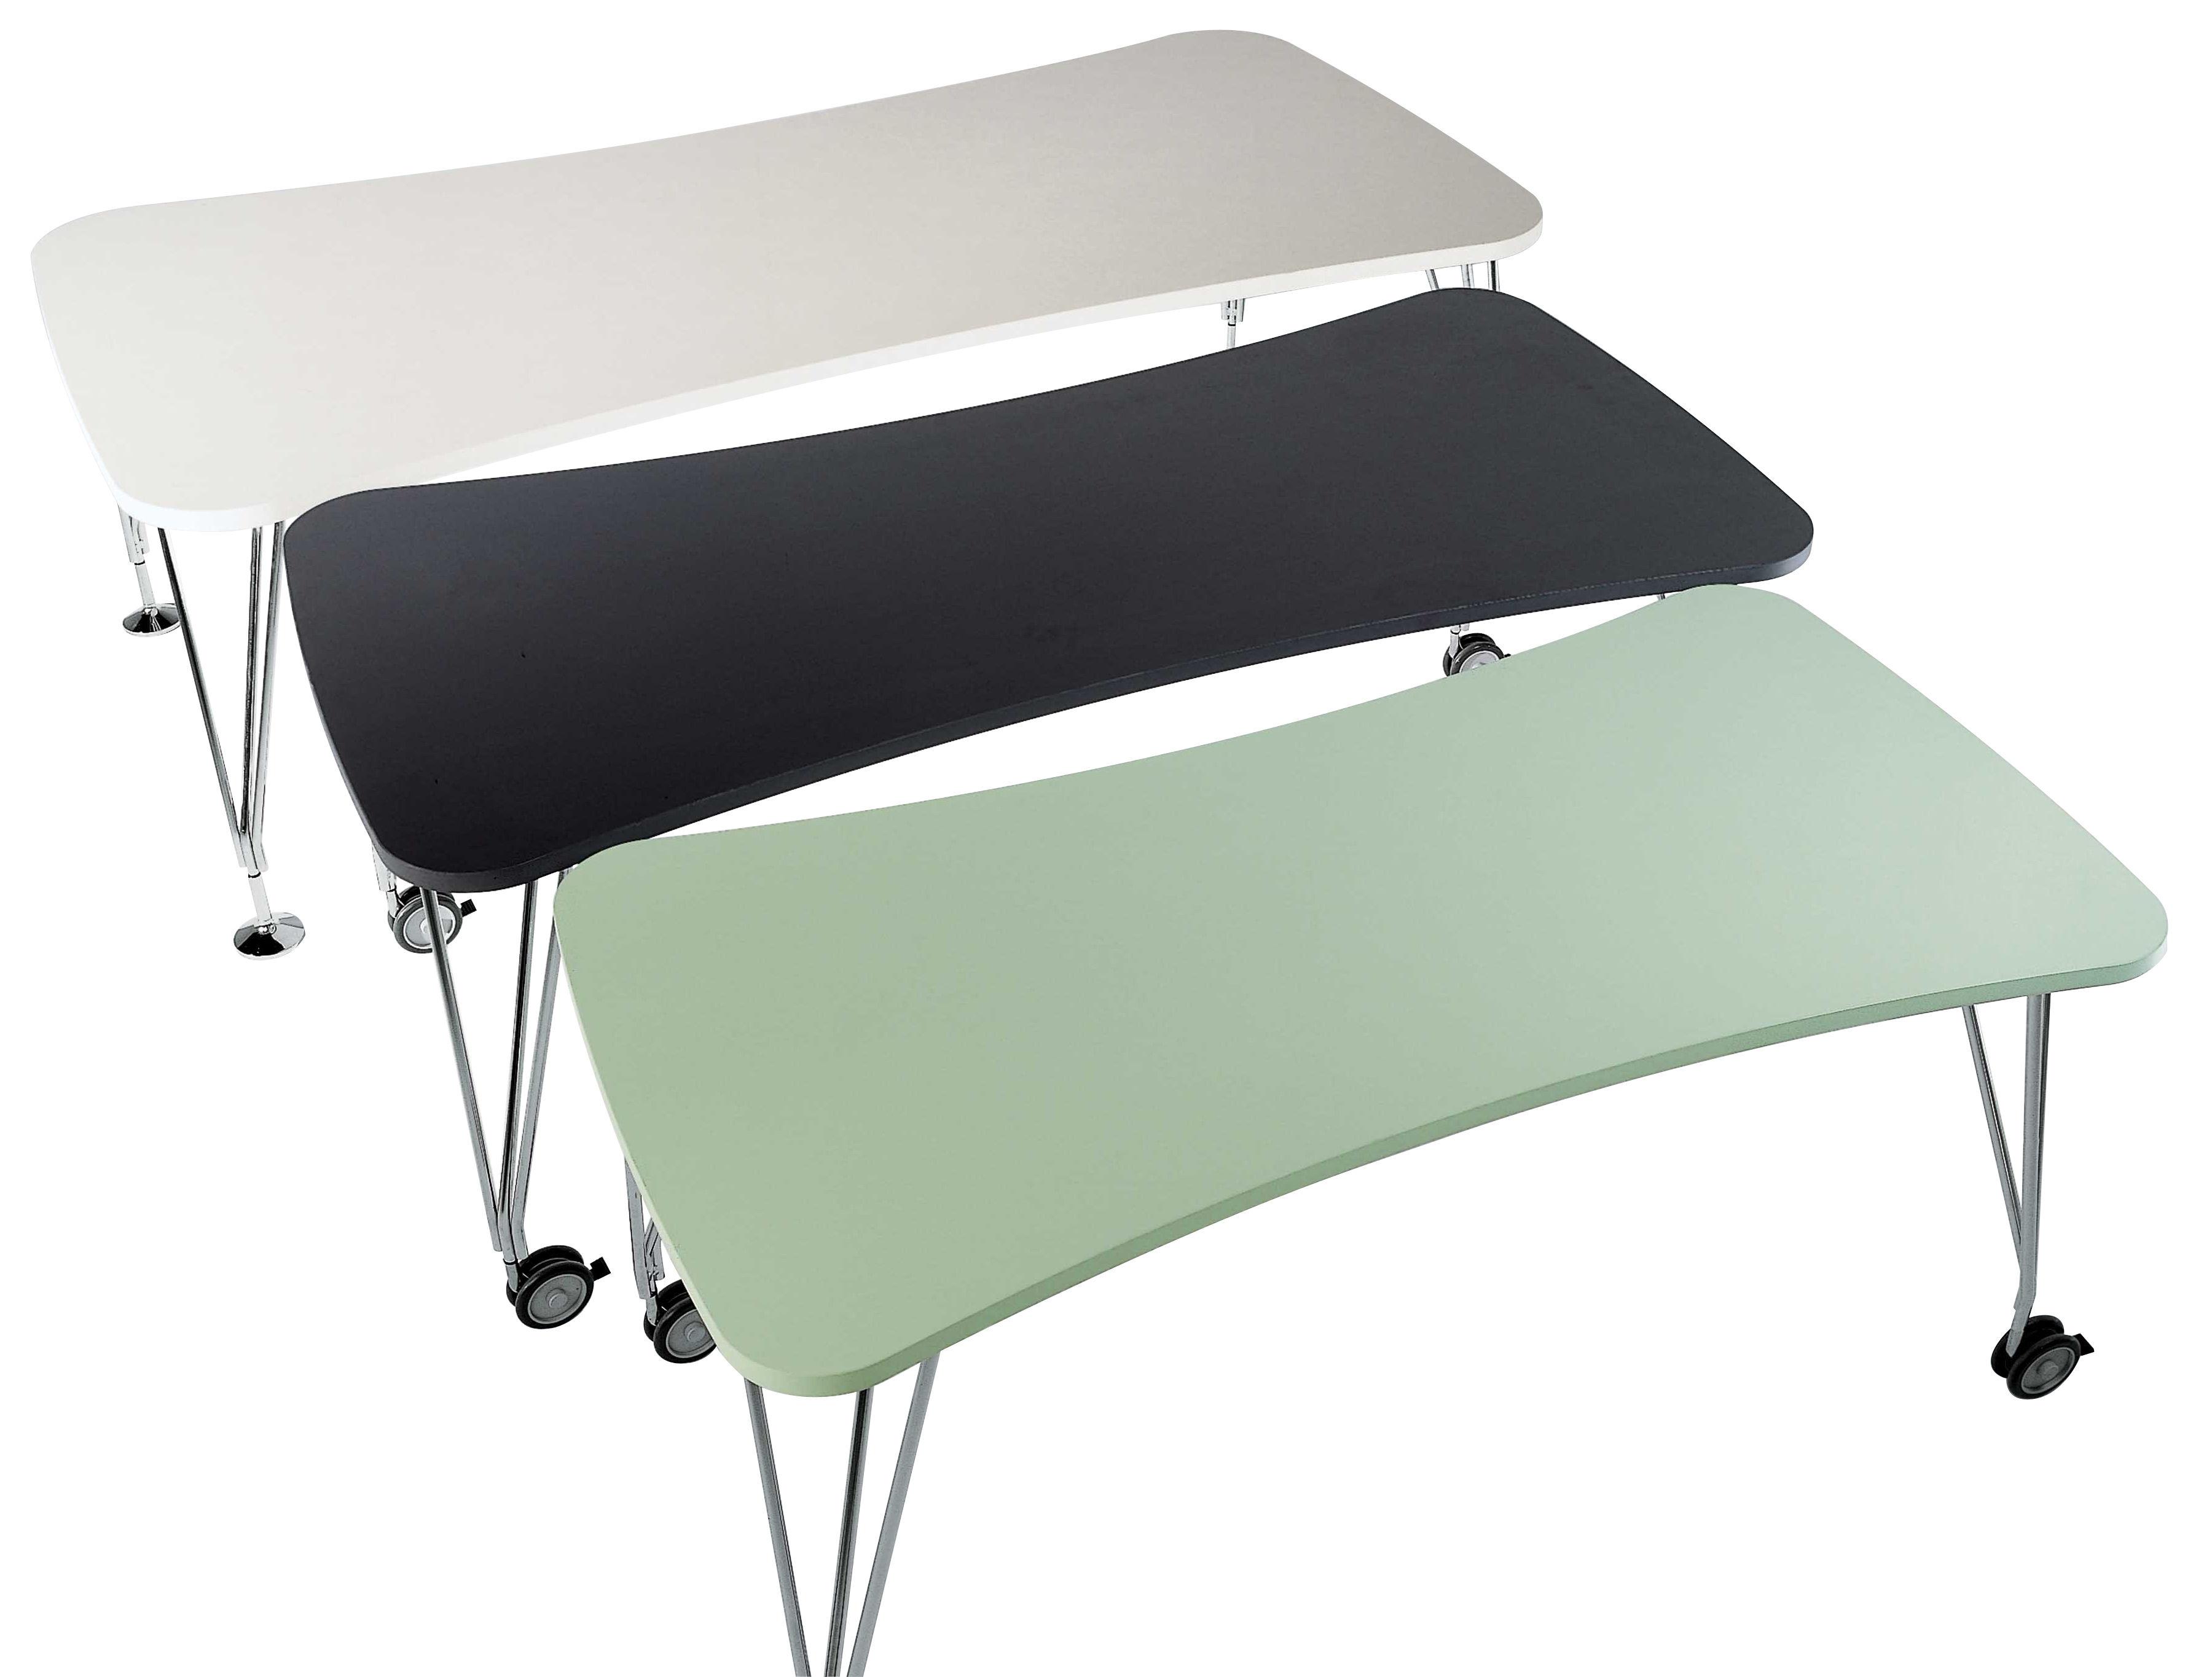 Arredamento - Mobili Ados  - Tavolo rettangolare Max - Rotelle - 190 cm di Kartell - Bianco 190 cm - Acciaio cromato, Laminato